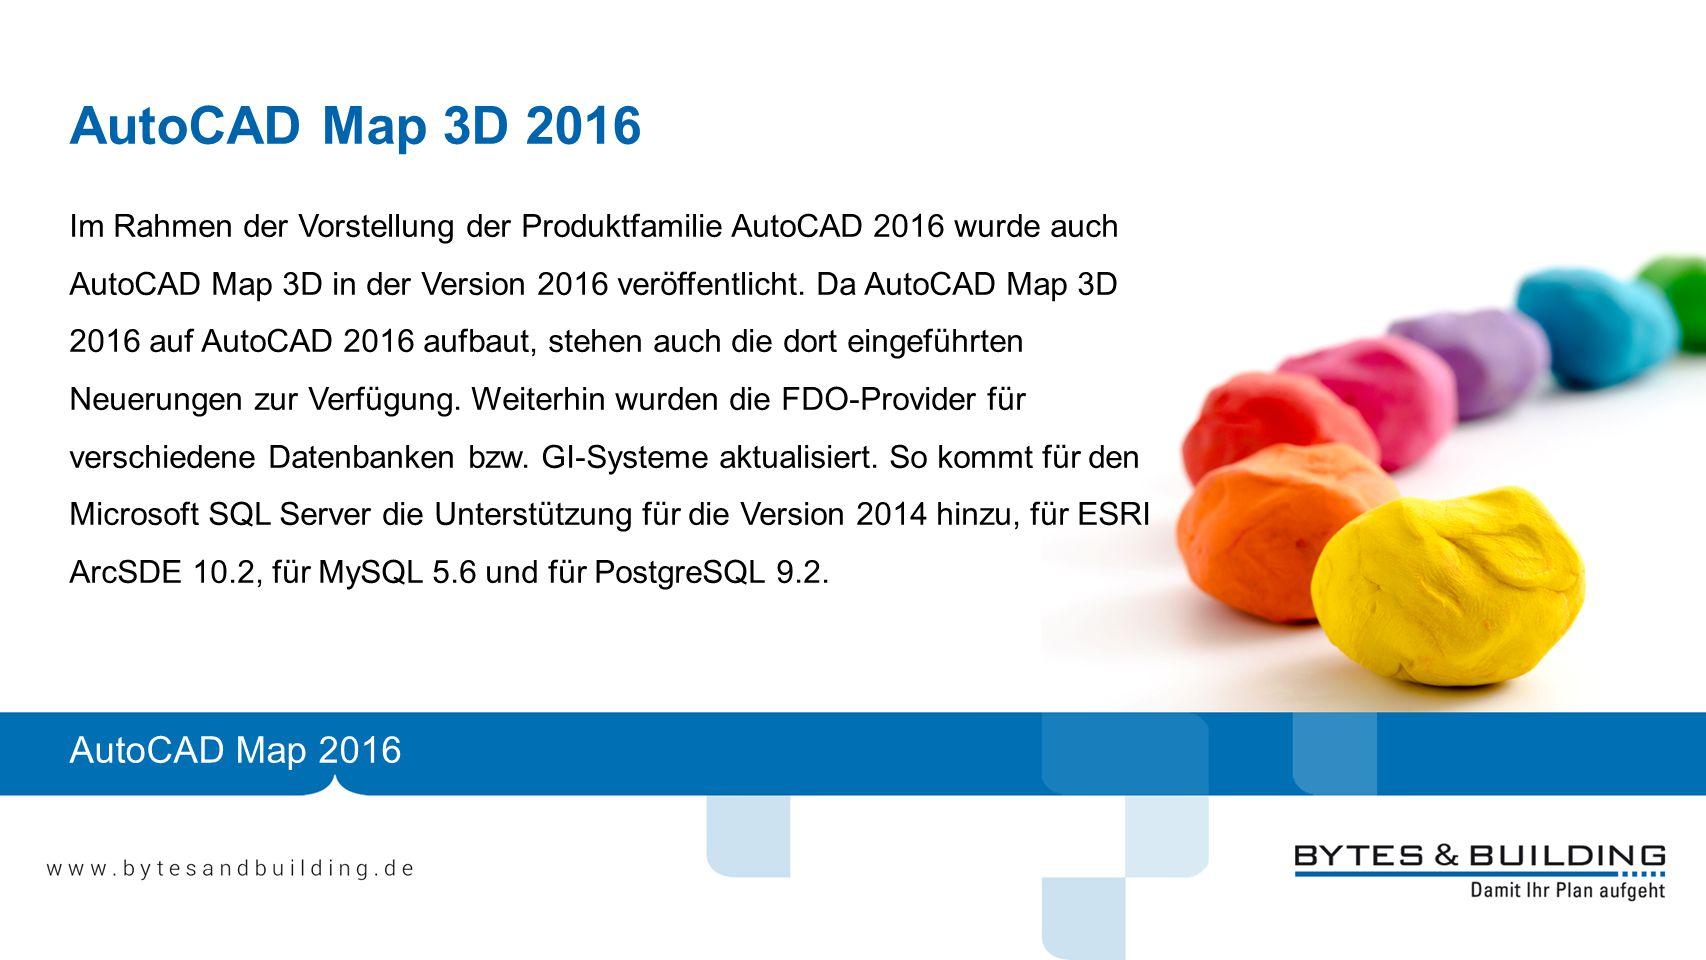 AutoCAD Map 3D 2016 Im Rahmen der Vorstellung der Produktfamilie AutoCAD 2016 wurde auch AutoCAD Map 3D in der Version 2016 veröffentlicht. Da AutoCAD